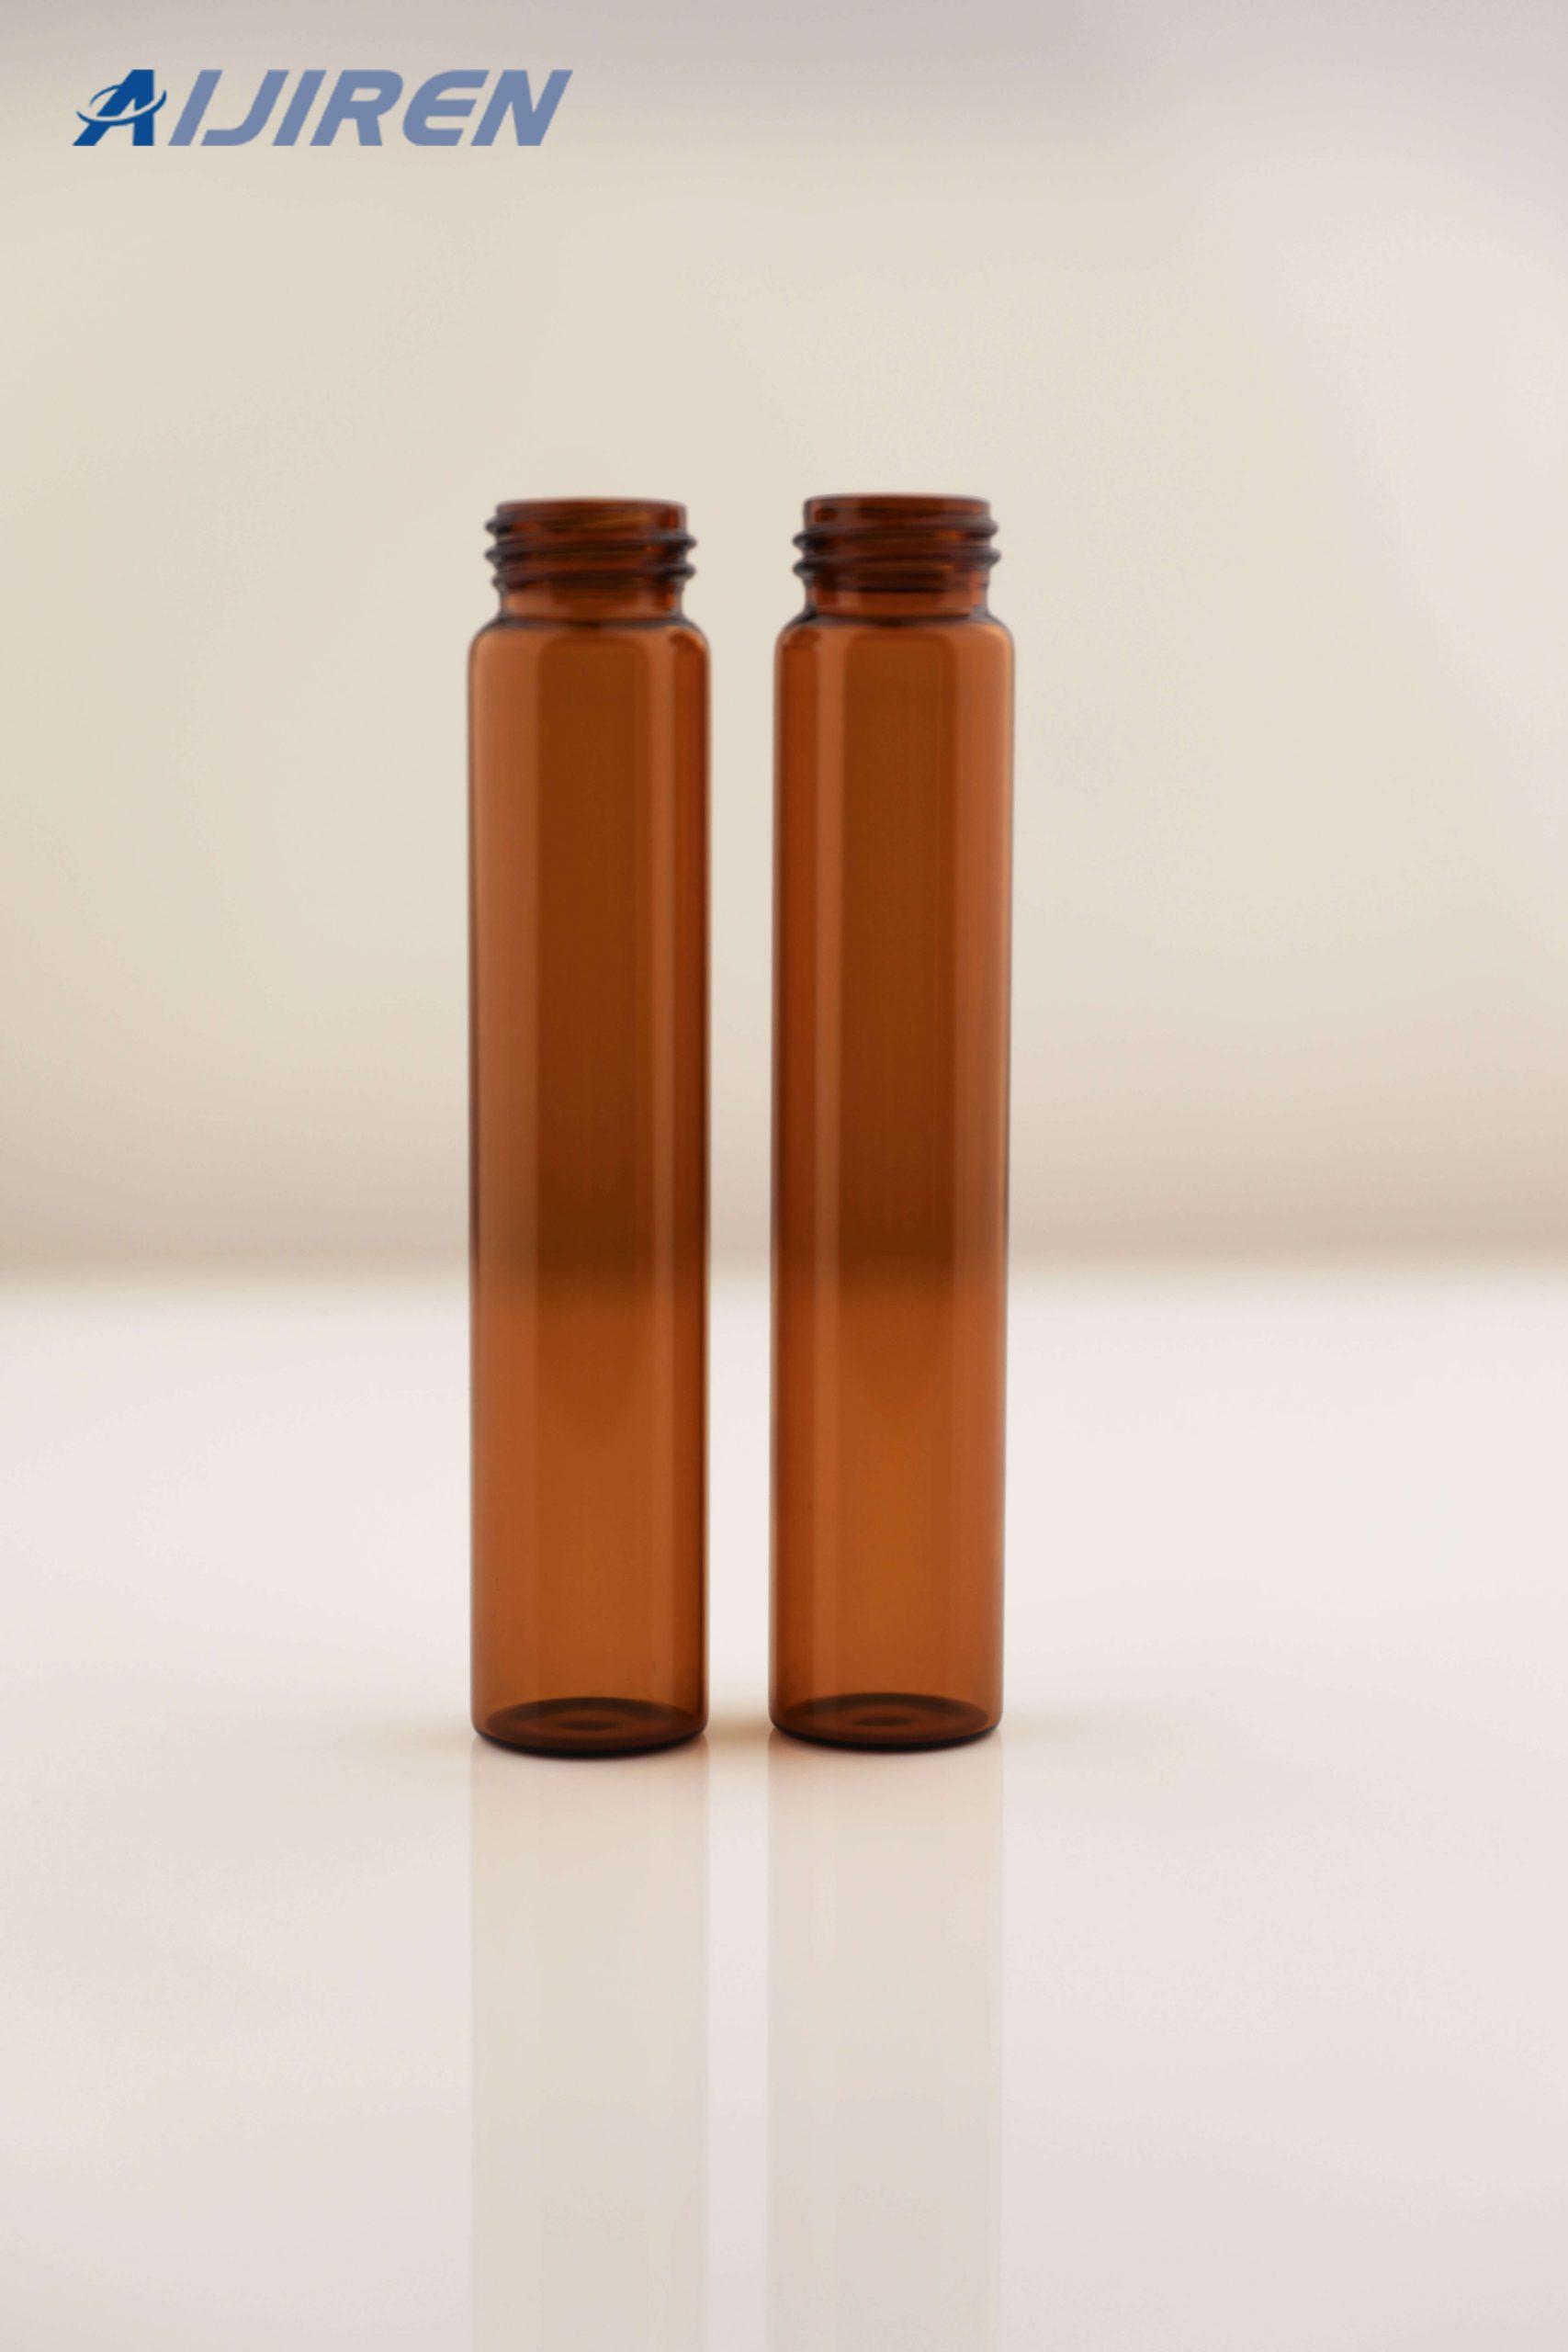 Aijiren 60ml amber storage vials